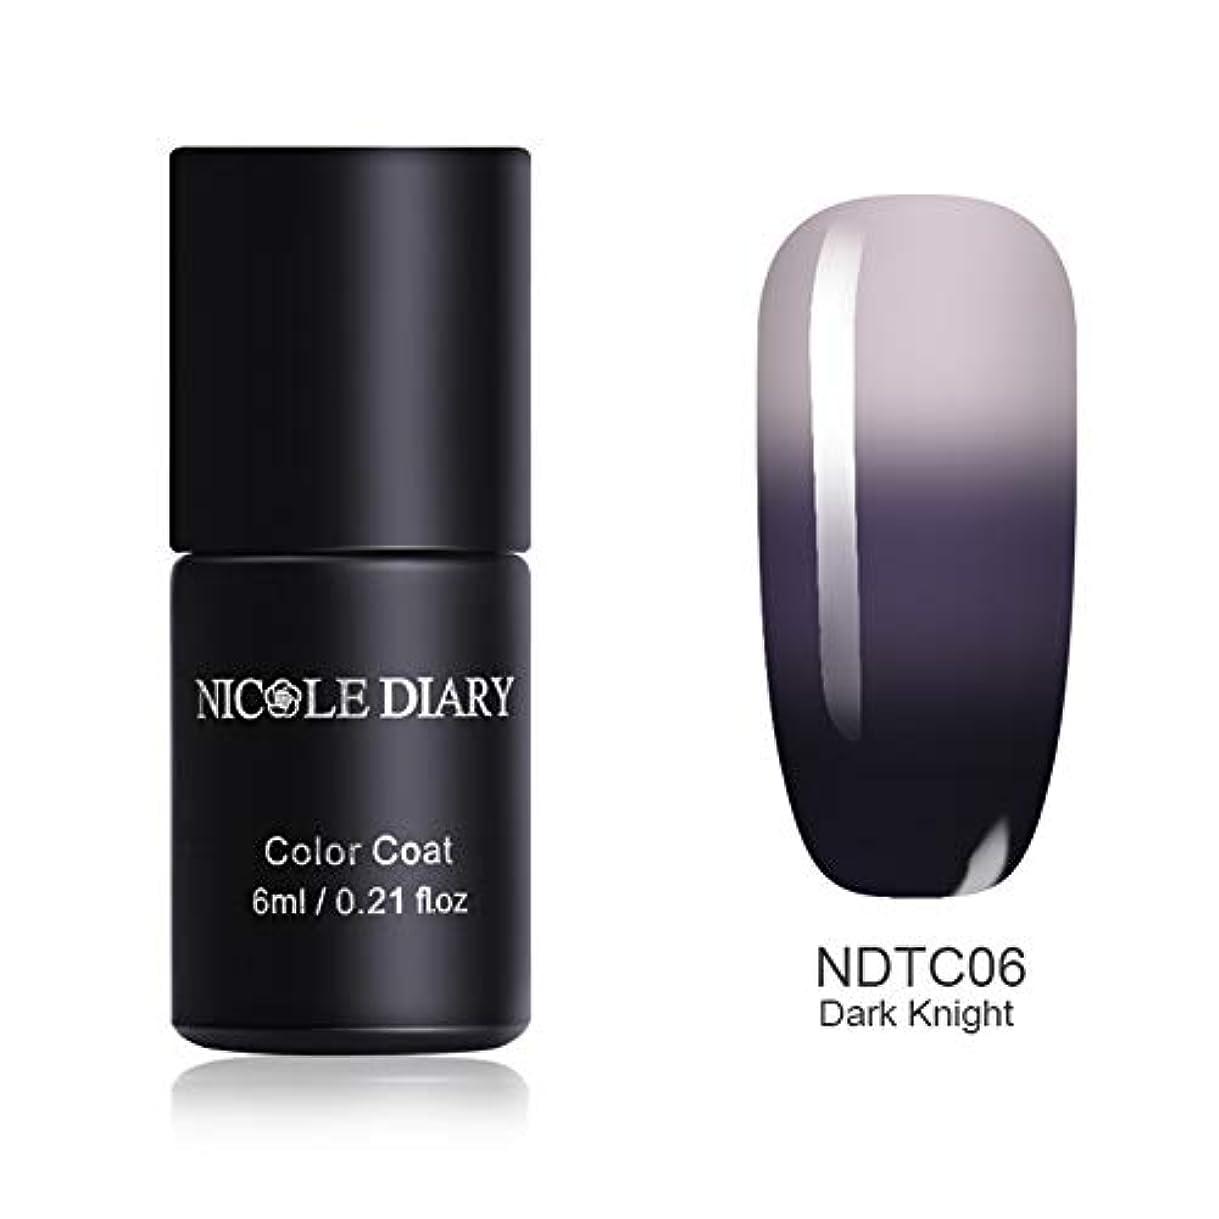 結紮医薬NICOLE DIARY 温度によって色が変わるジェル 3段階の色に変化 カメレオンジェル 6ml UV/LED対応 6色 マジックカラージェル ジェルネイル NDTC06 Dark Knight [並行輸入品]